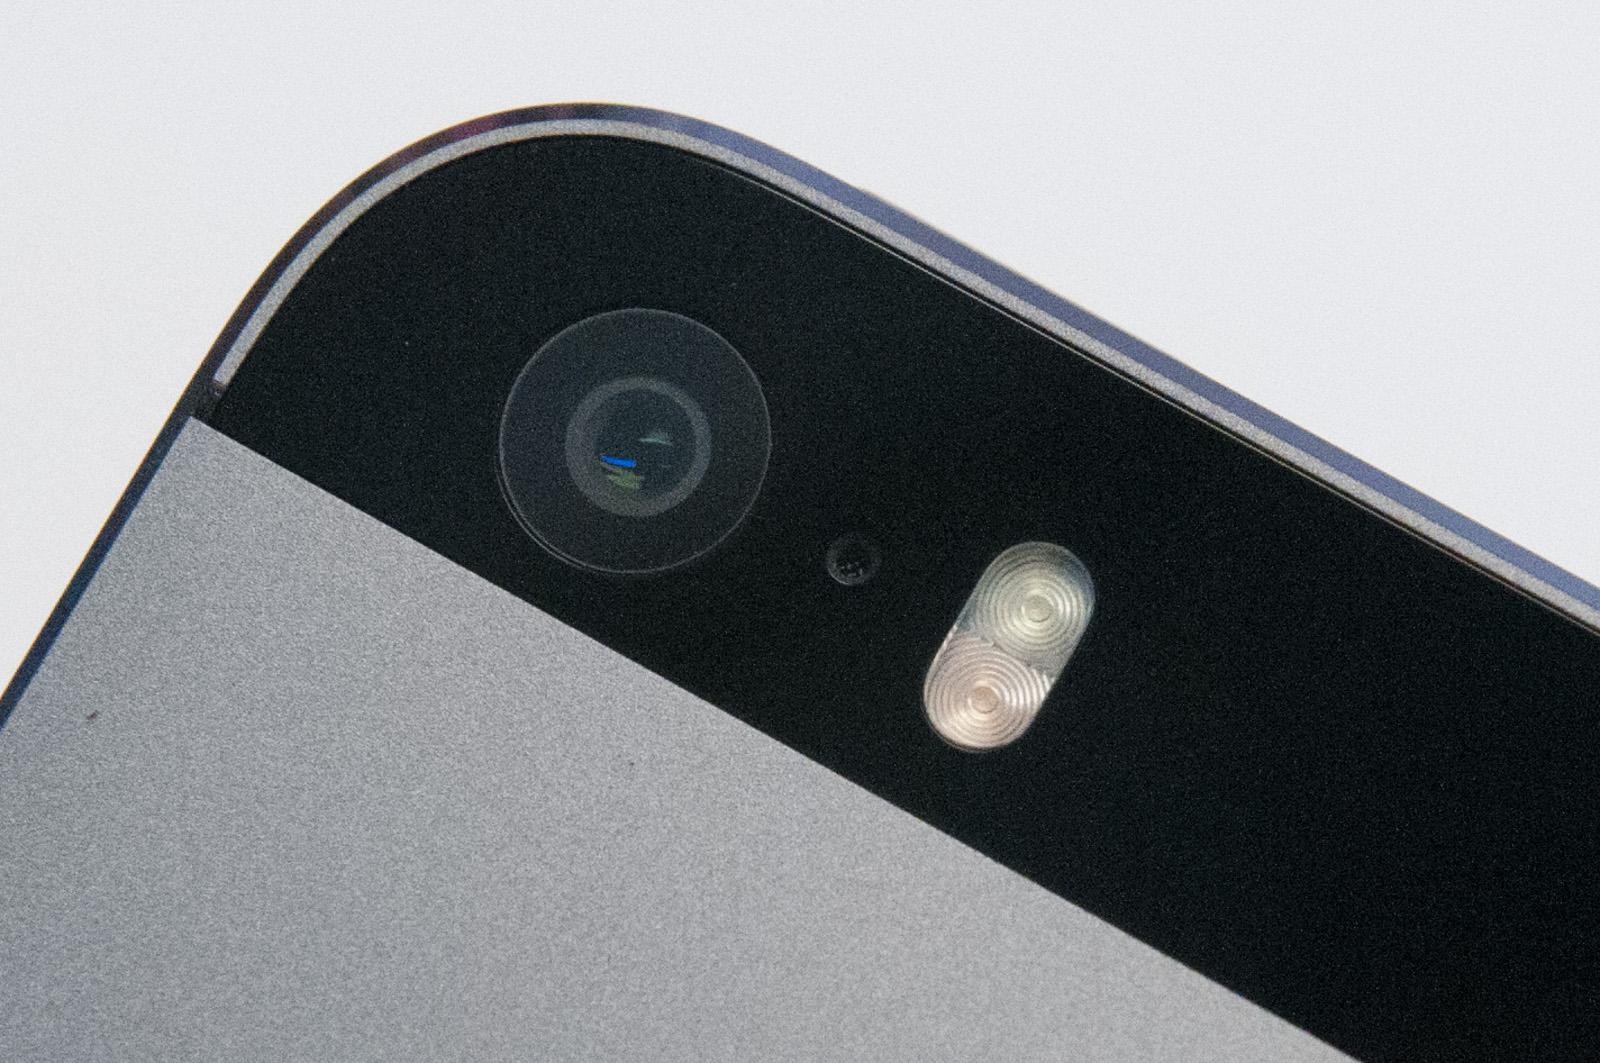 camera di iPhone 5s